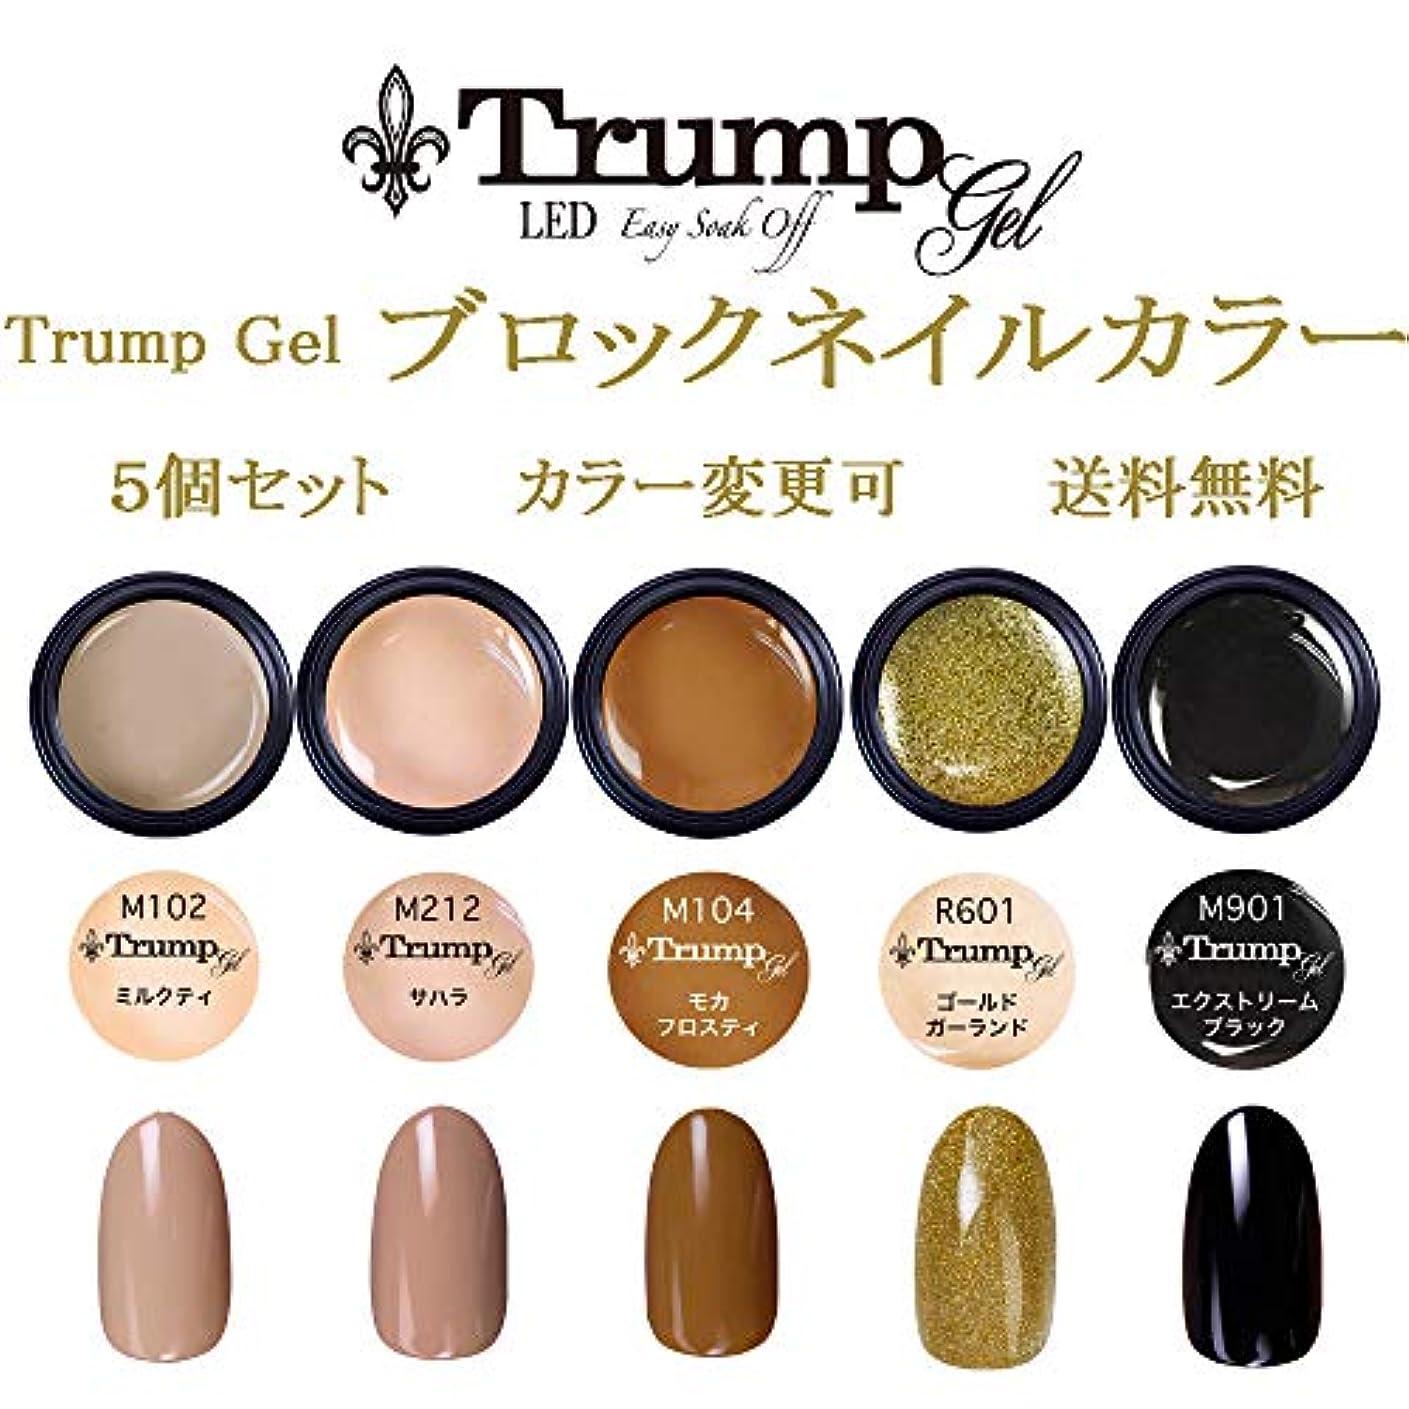 ステッチブルゴーニュ調査日本製 Trump gel トランプジェル ブロックネイル 選べる カラージェル 5個セット ゴールド ラメ ブラウン ブラック ピンク ベージュ